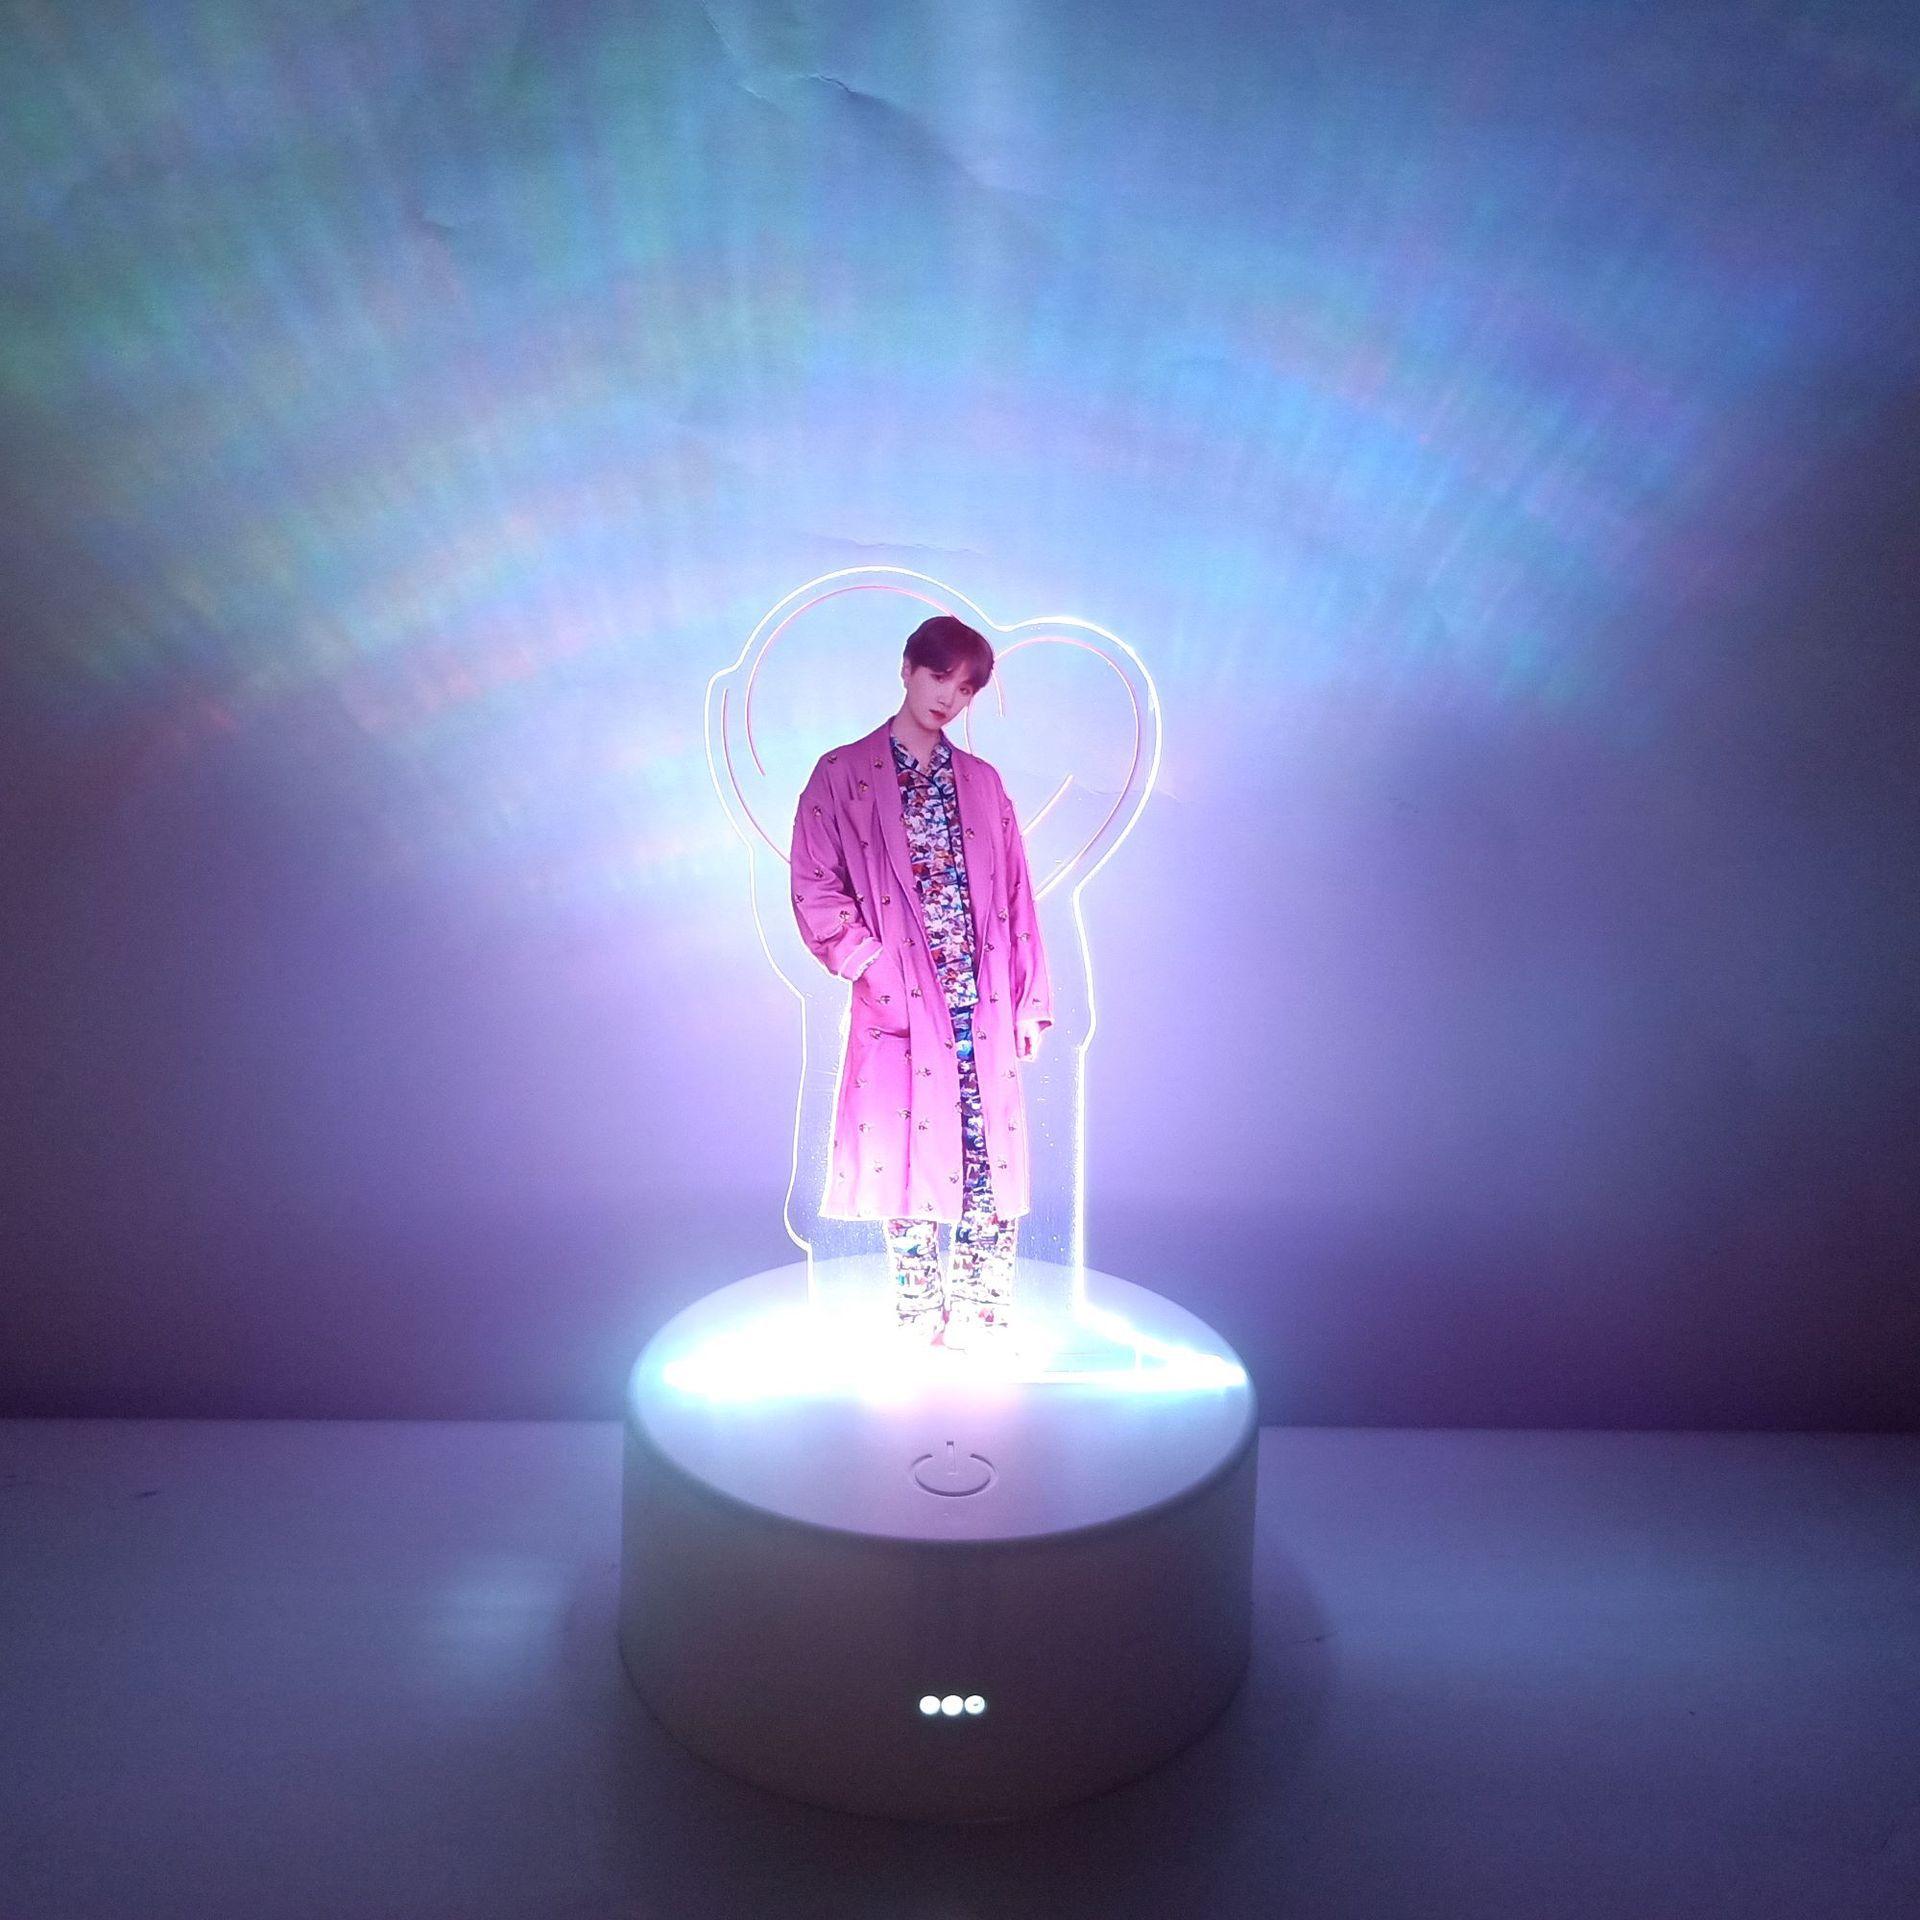 Creative KPOP Bangtan Boys LED Light Acrylic Standing Photo Stand On The Table Desktop Furnishing Kpop Bangtan Boys Supplies